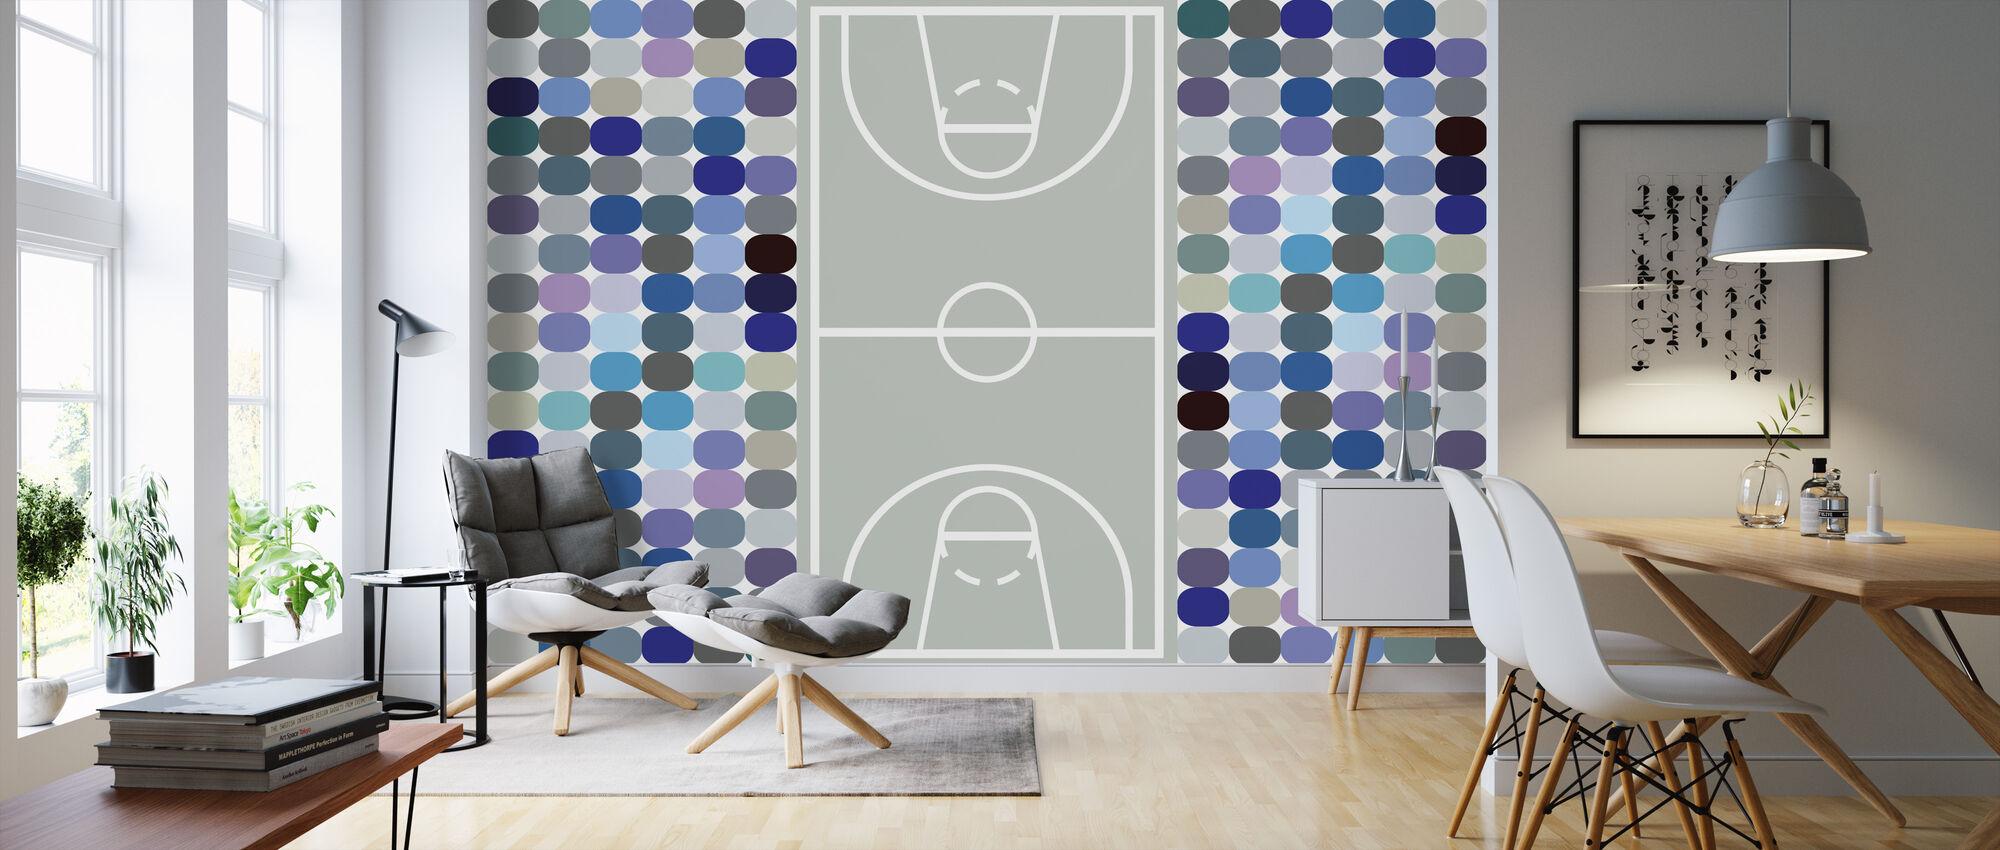 Basketball - Wallpaper - Living Room